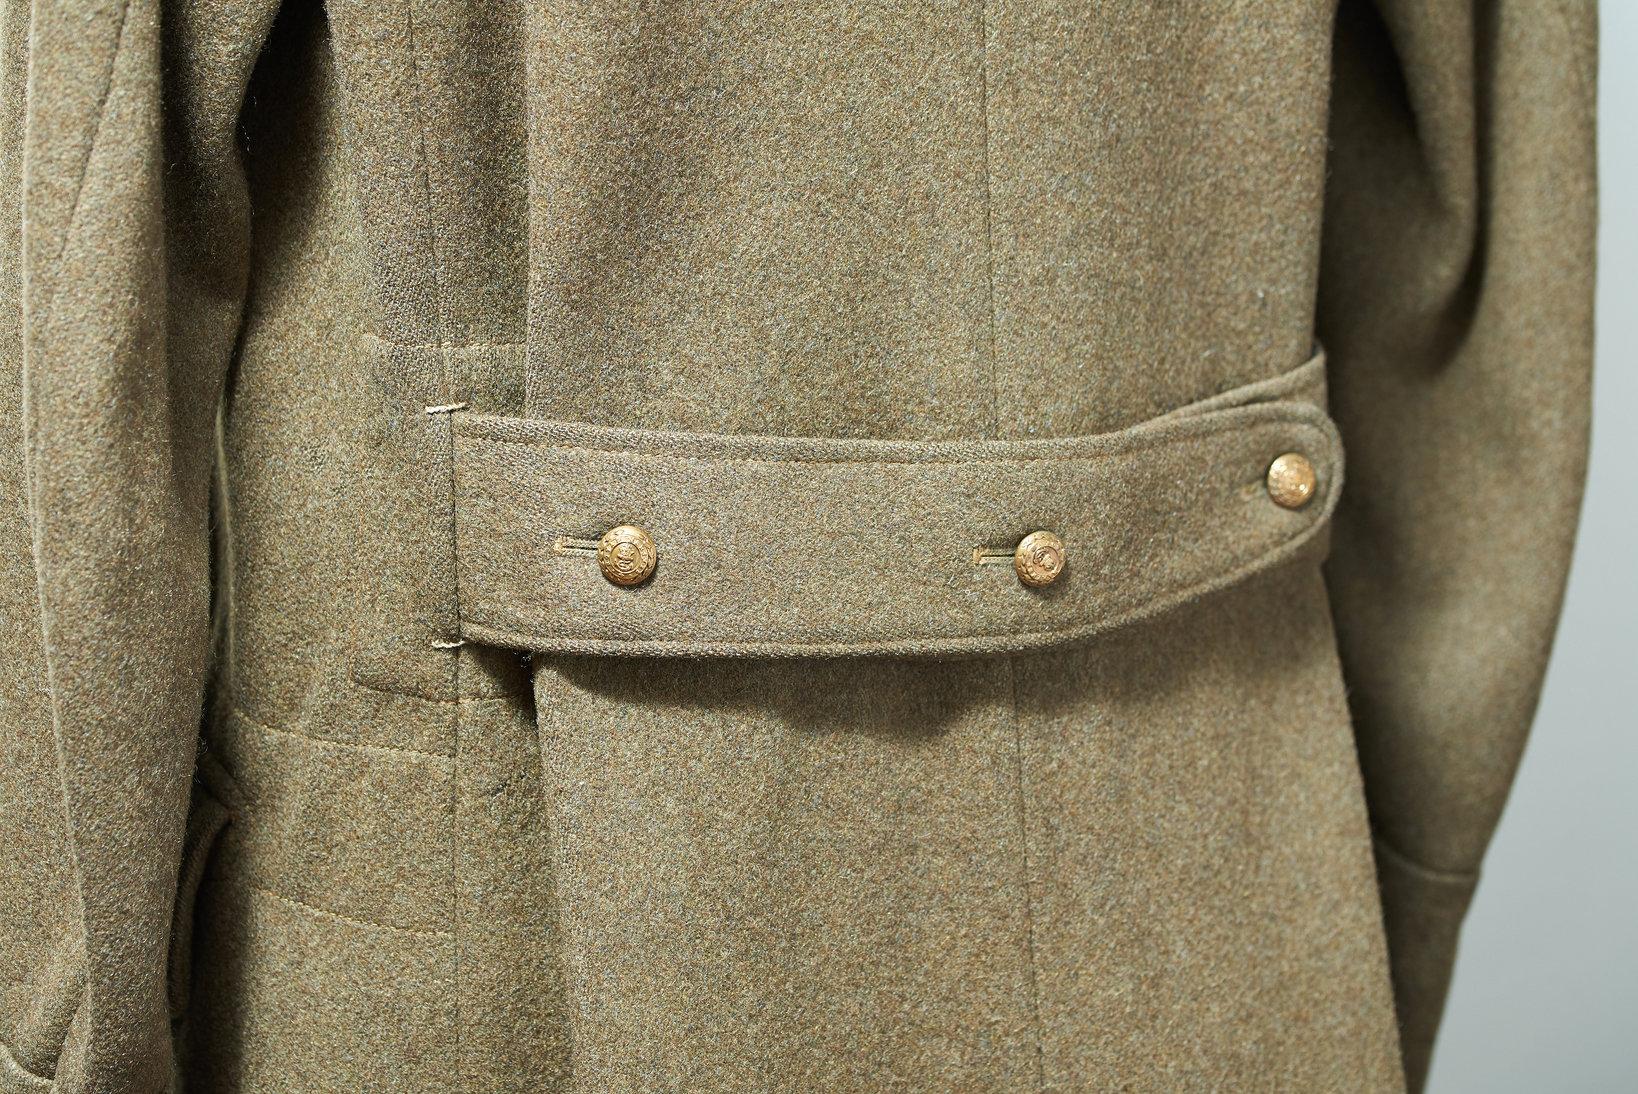 実はこのコートは、バックバンドの長さをコートの内側から微調整できる。「腰にフィットさせて重いコートを軽く着せる」 ことに神経を使っているの証だ。